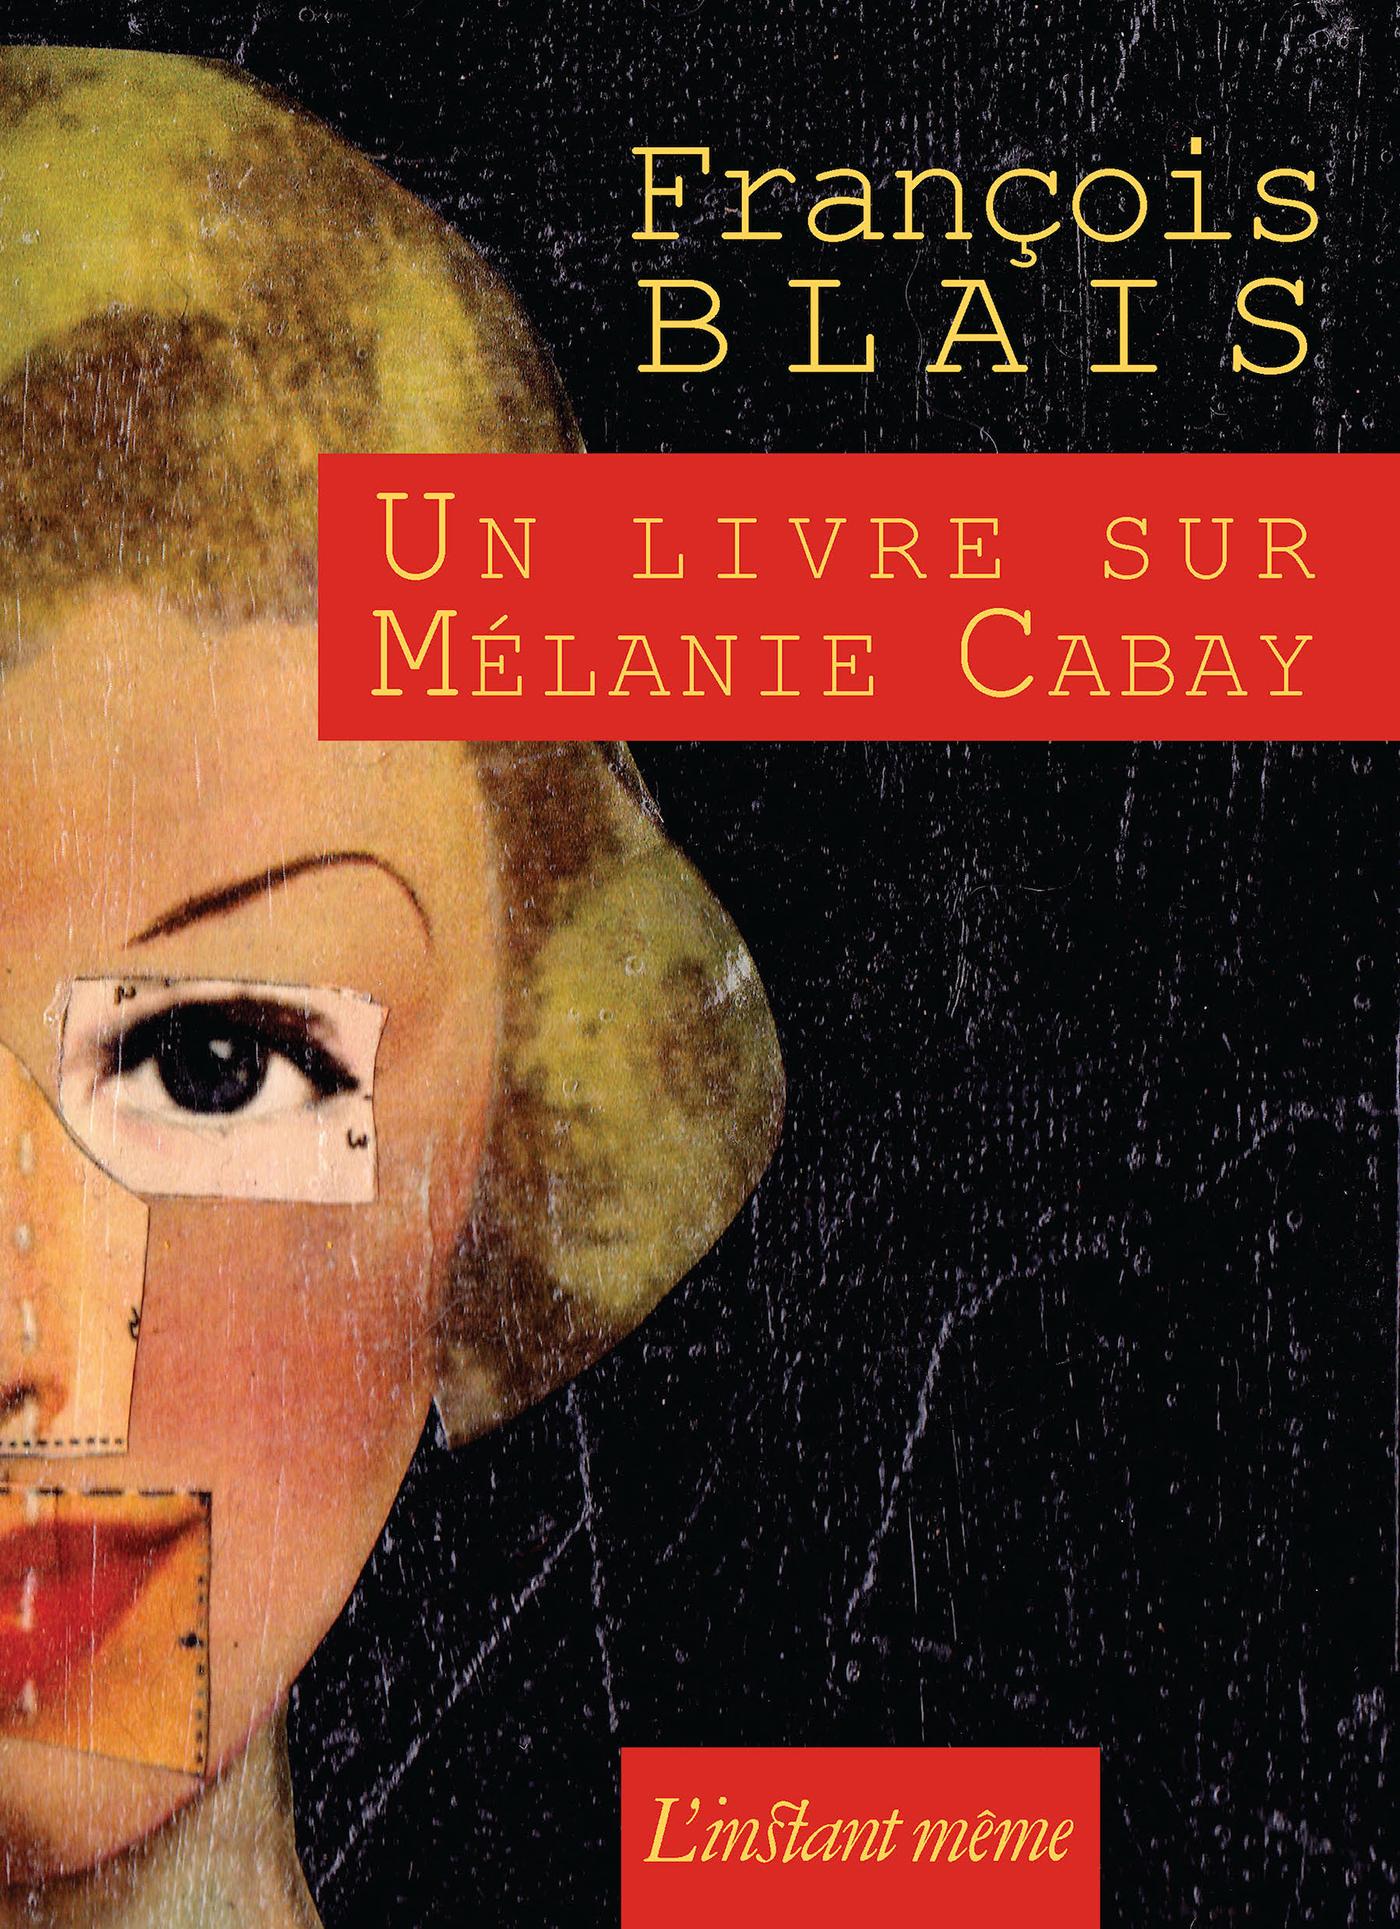 Un livre sur Mélanie Cabay